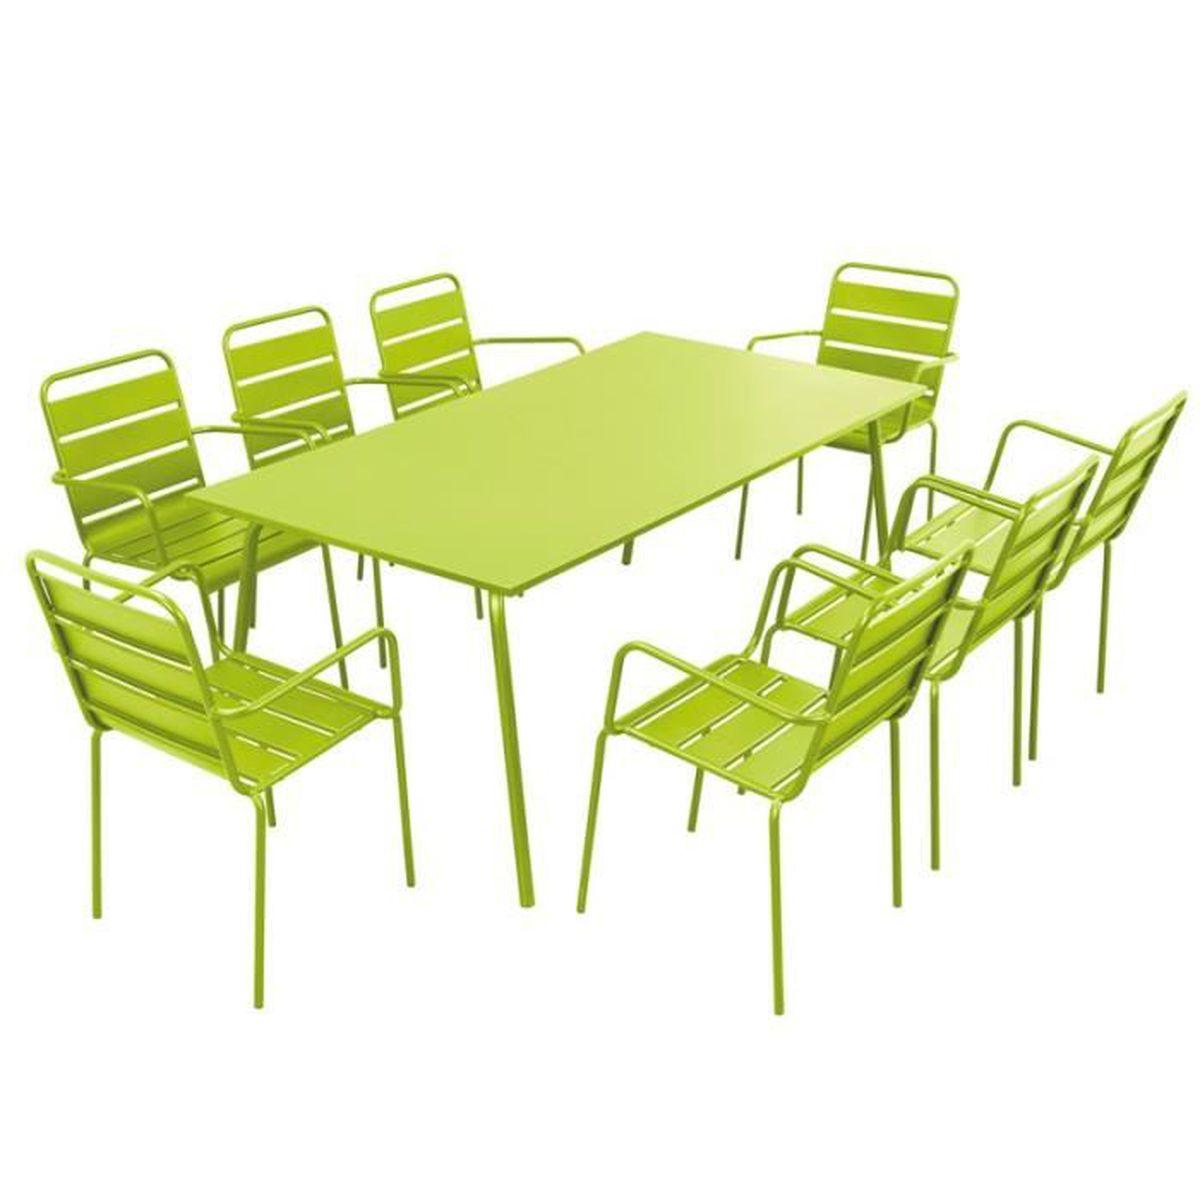 Salon de jardin en acier 8 places ensemble en acier anti - Table et chaise salon ...